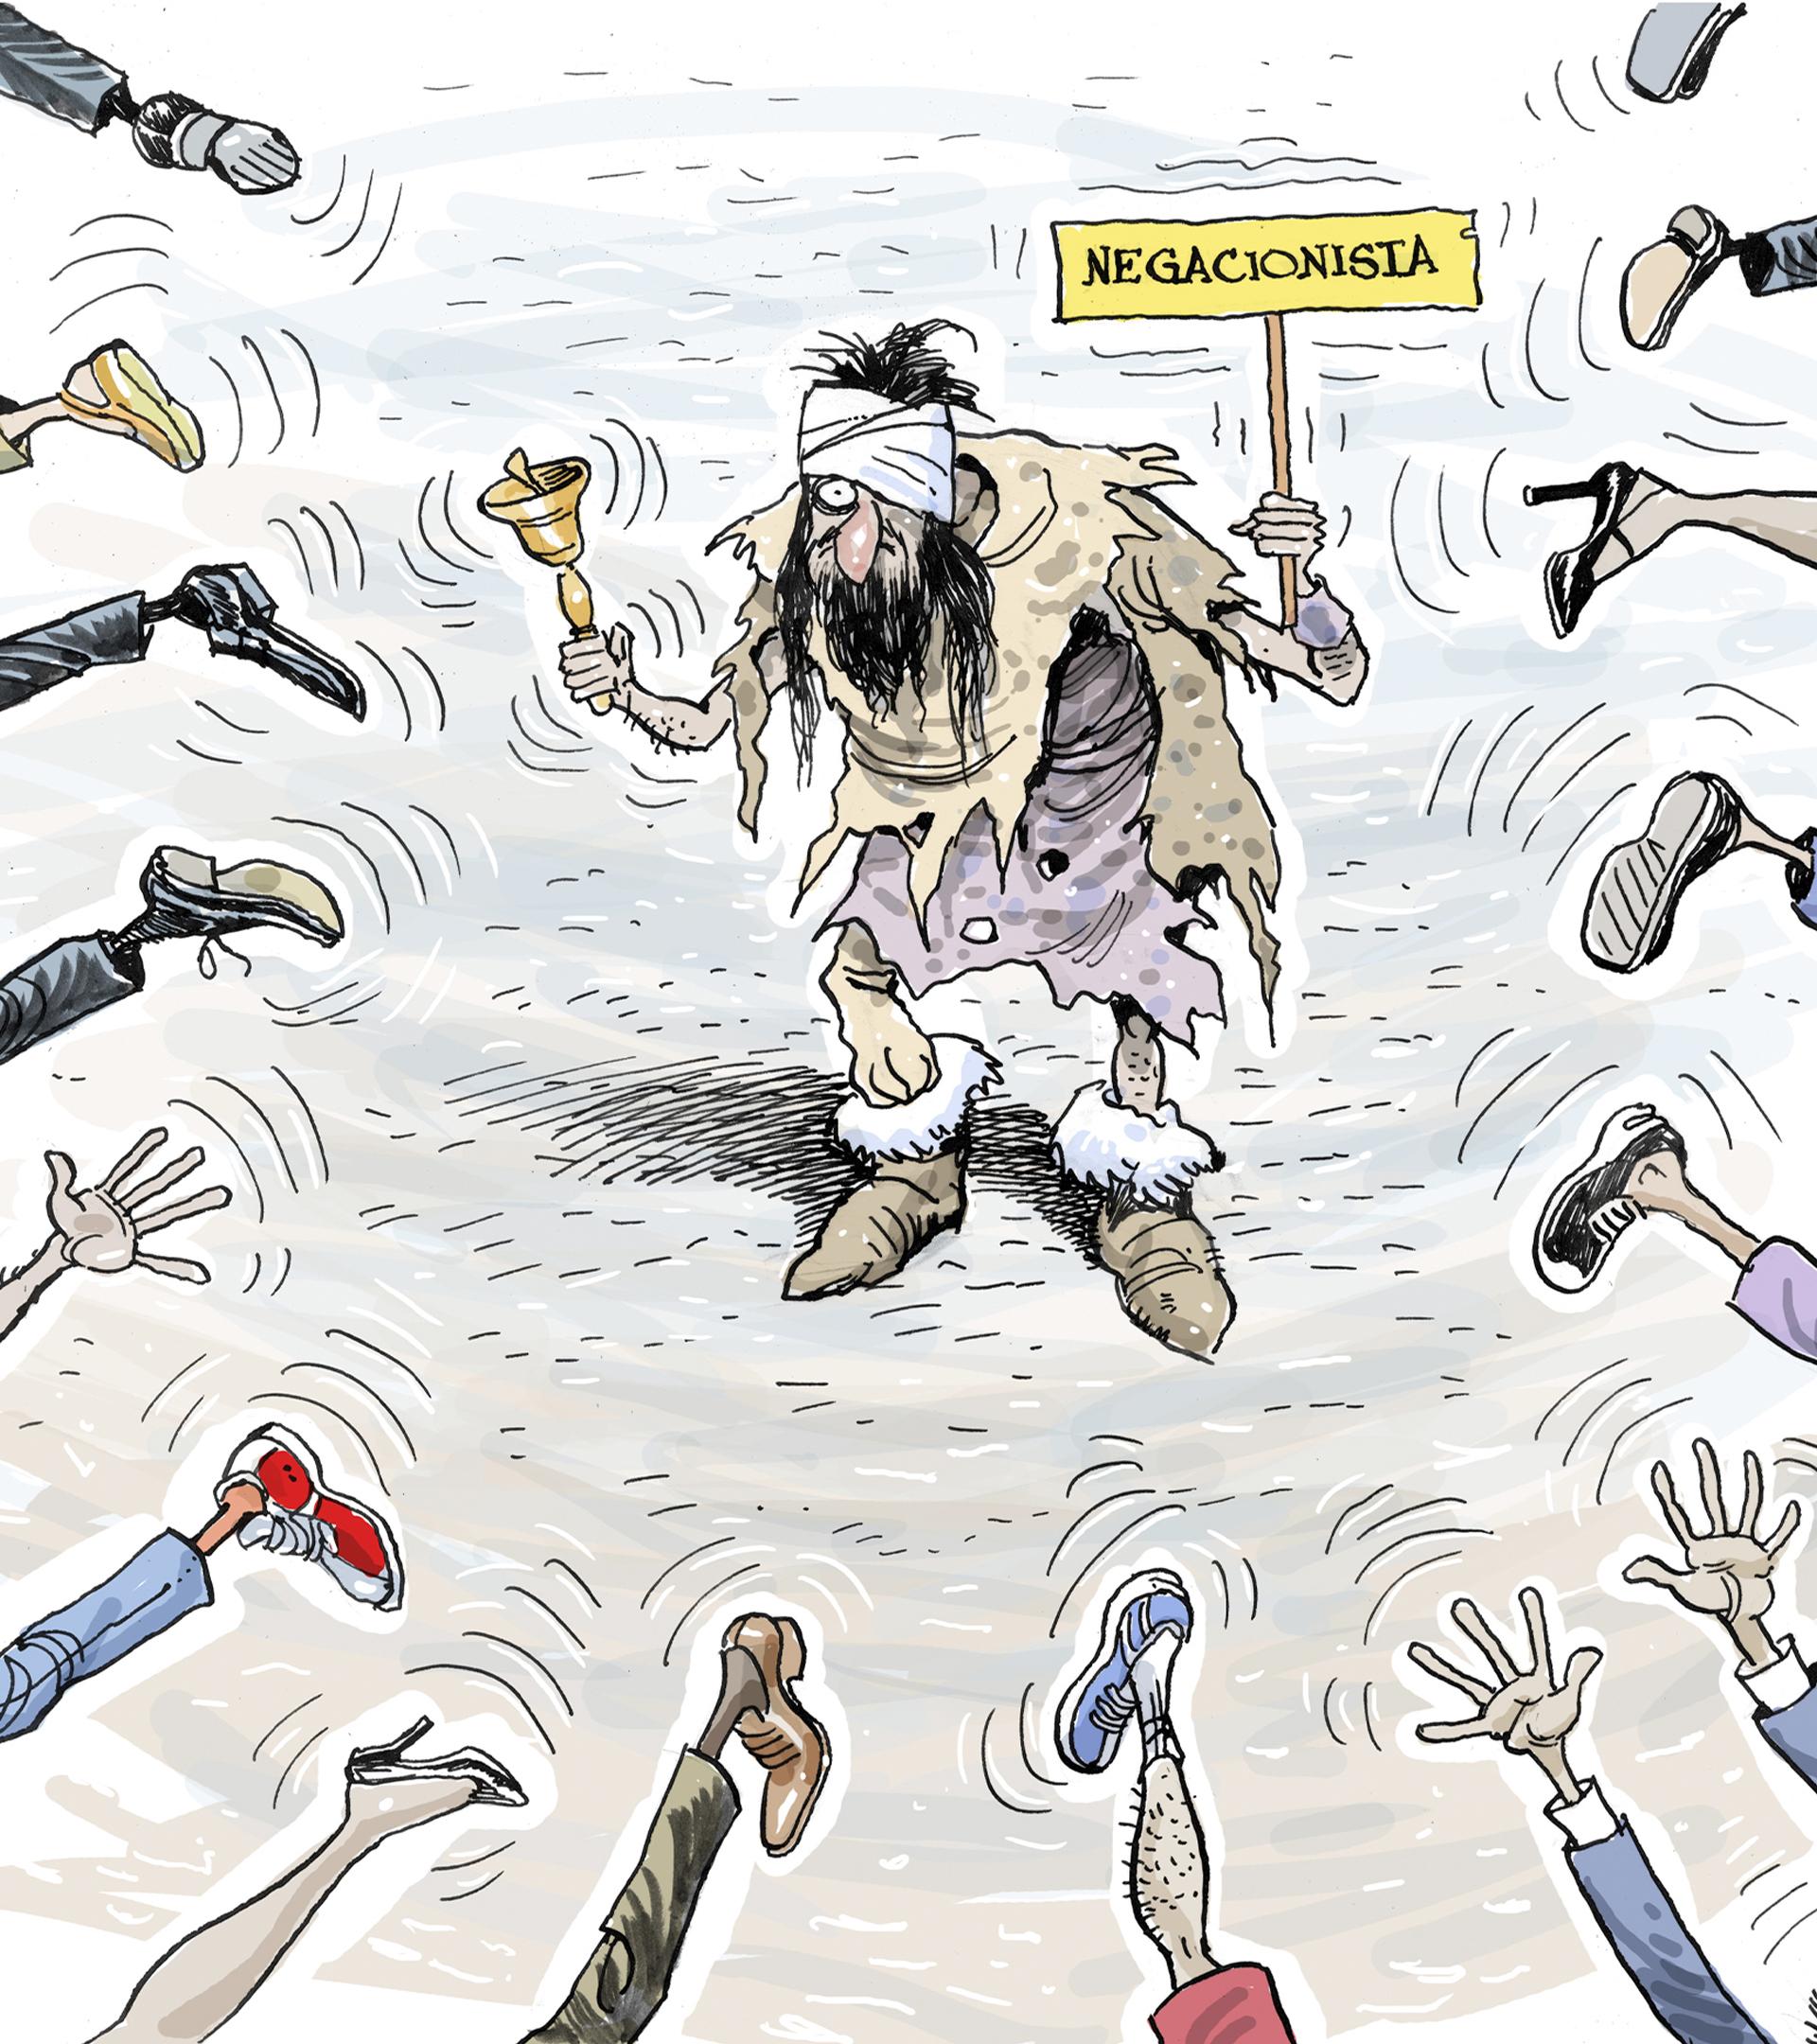 Los negacionistas son los nuevos leprosos: cómo los países europeos están arrinconando a los antivacunas